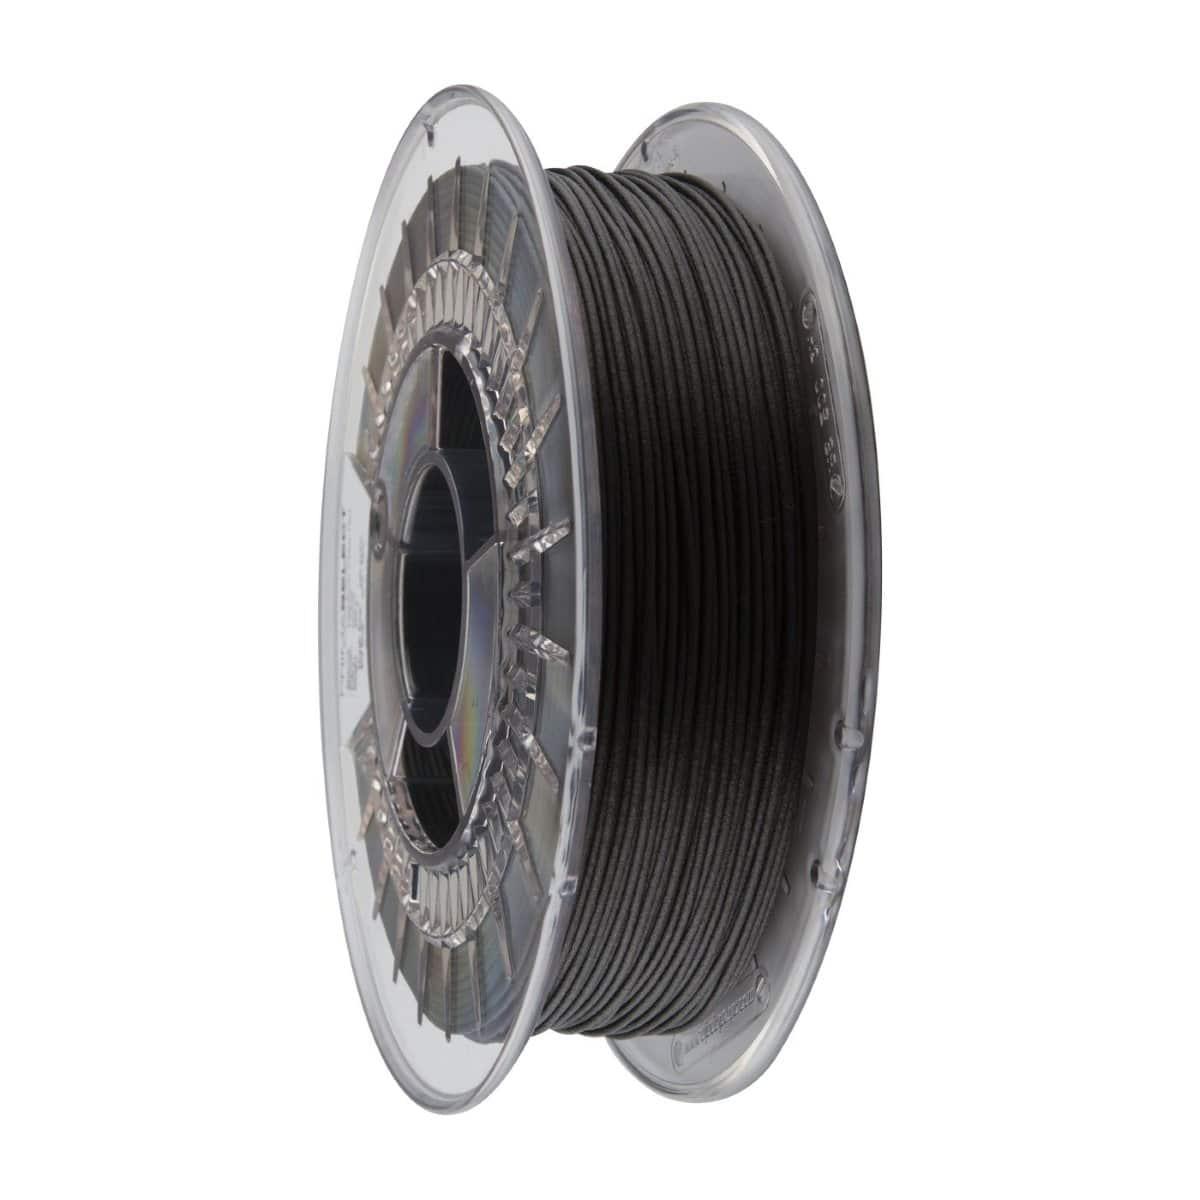 Billede af PrimaSelect NylonPower Glass Fibre - 1.75mm - 500g - Black